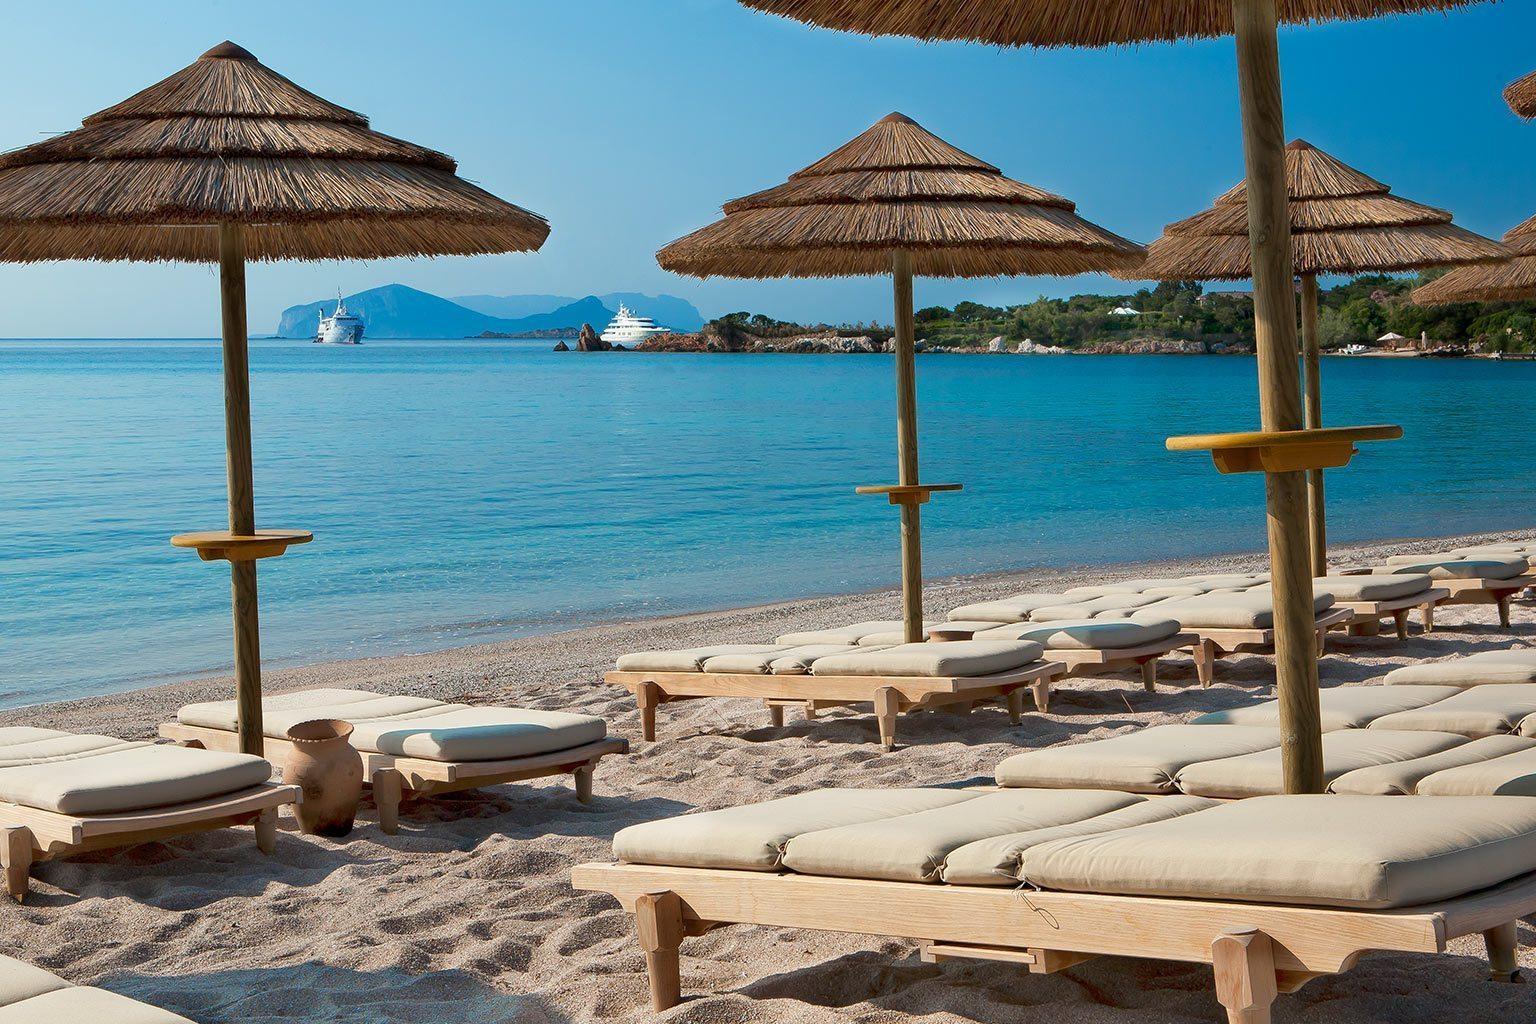 Hotel romazzino sardinien luxushotel bei designreisen for Best boutique hotels sardinia